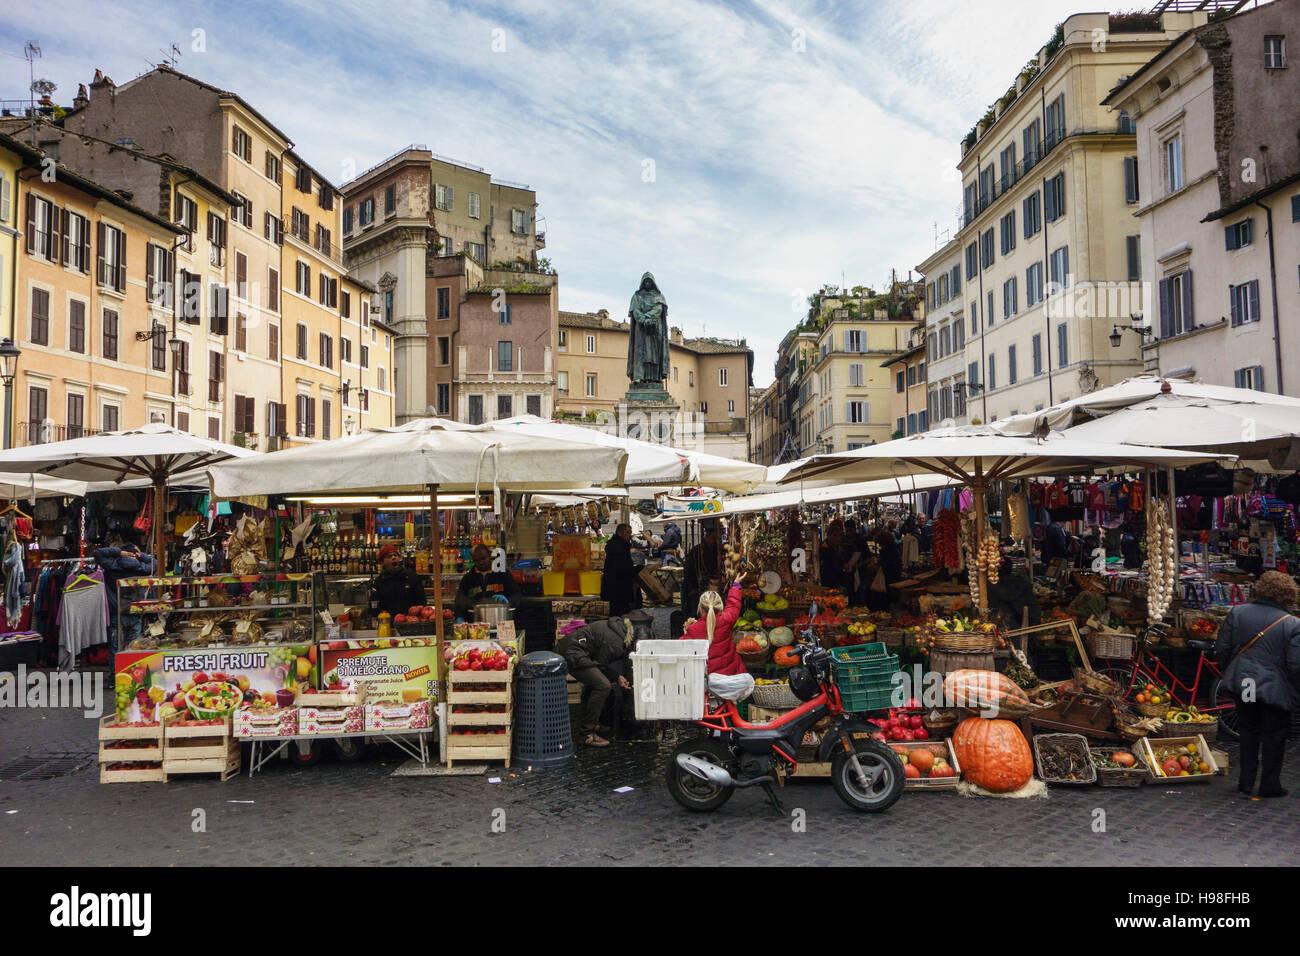 Rome. Italy. Market on Campo de' Fiori. - Stock Image